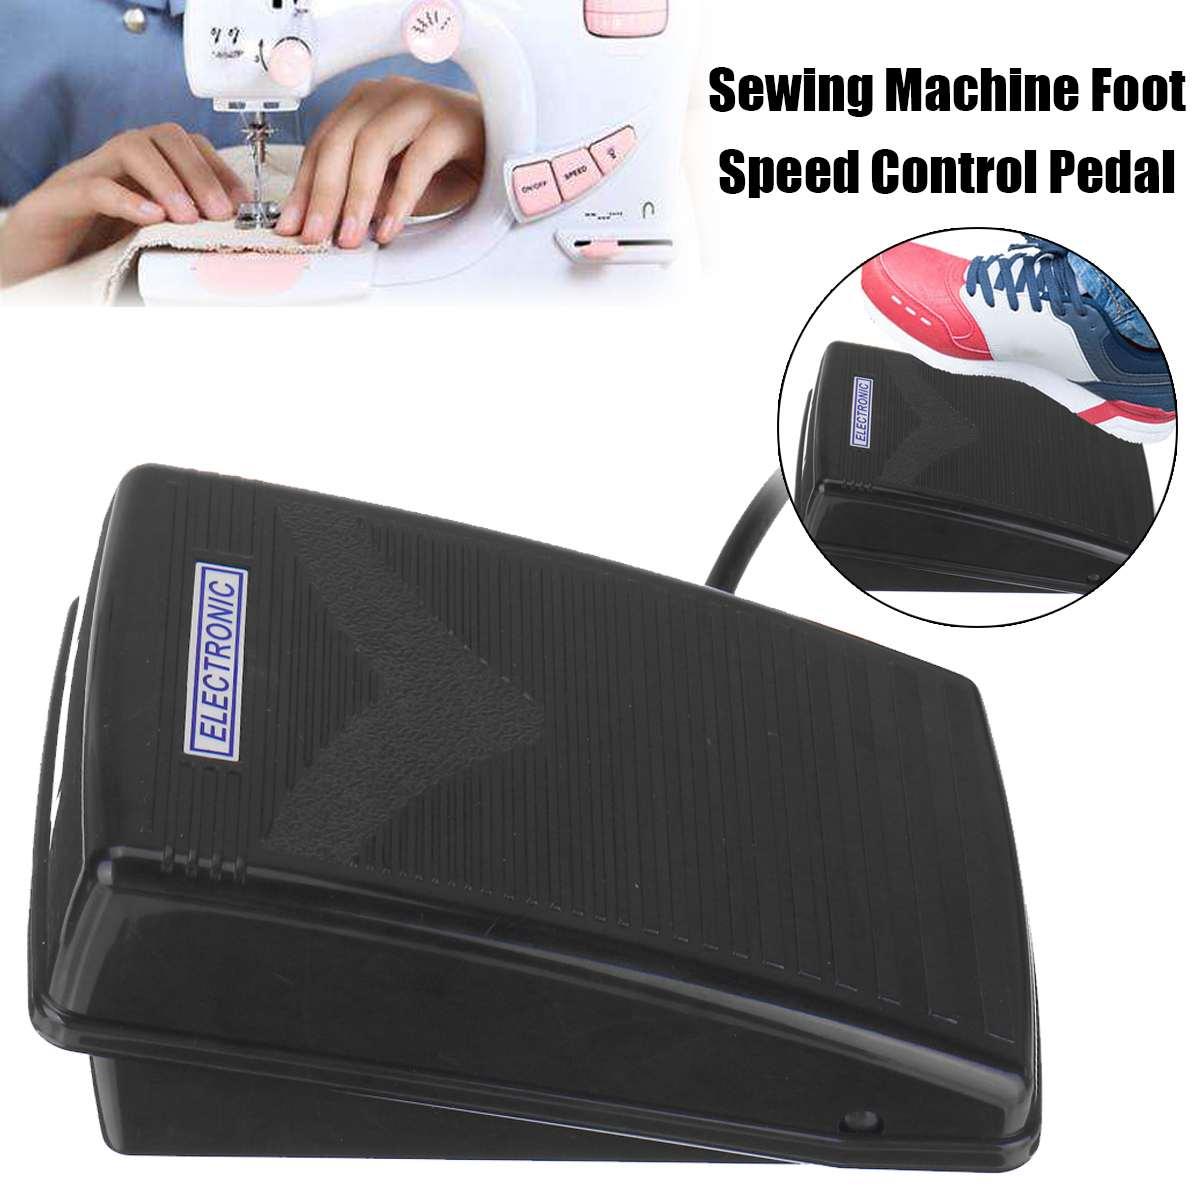 Haushalt Nähmaschine Motor + Fuß Pedal Speed Controller 110-220V Nähmaschine Teile Für Babylock Brother